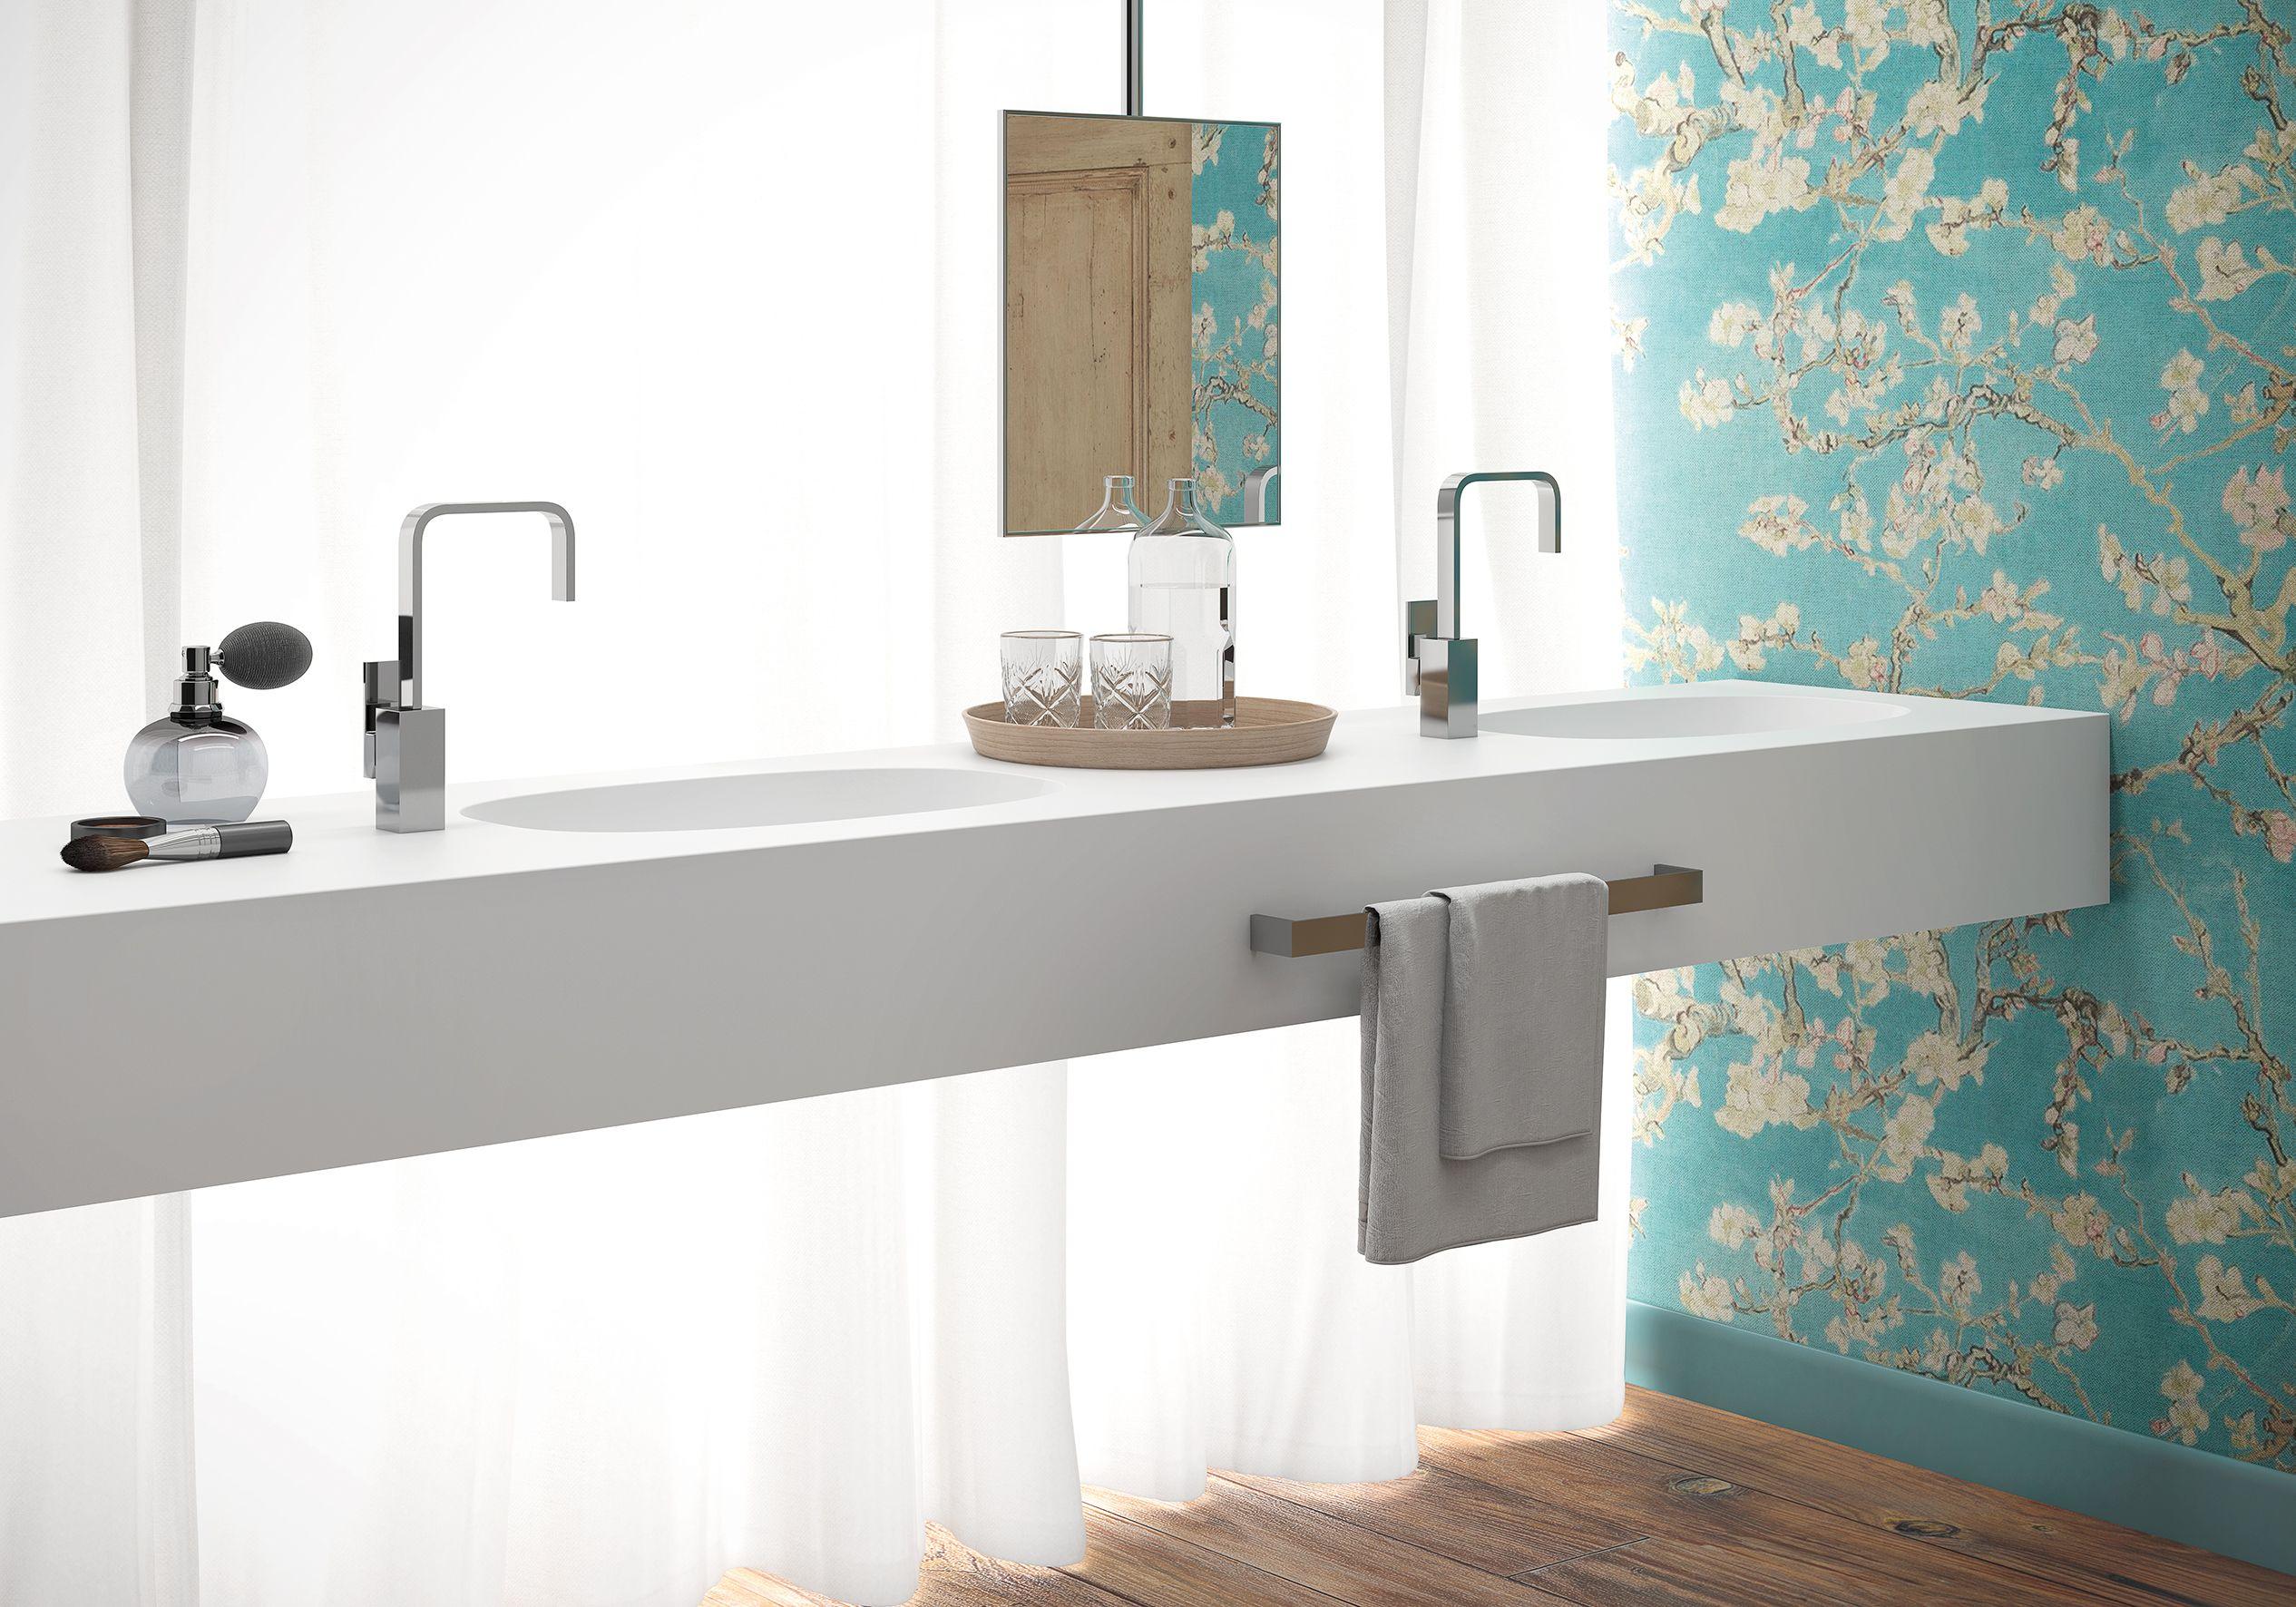 Lavabo encimera | Platos de ducha, Cuartos de baño, Toallero